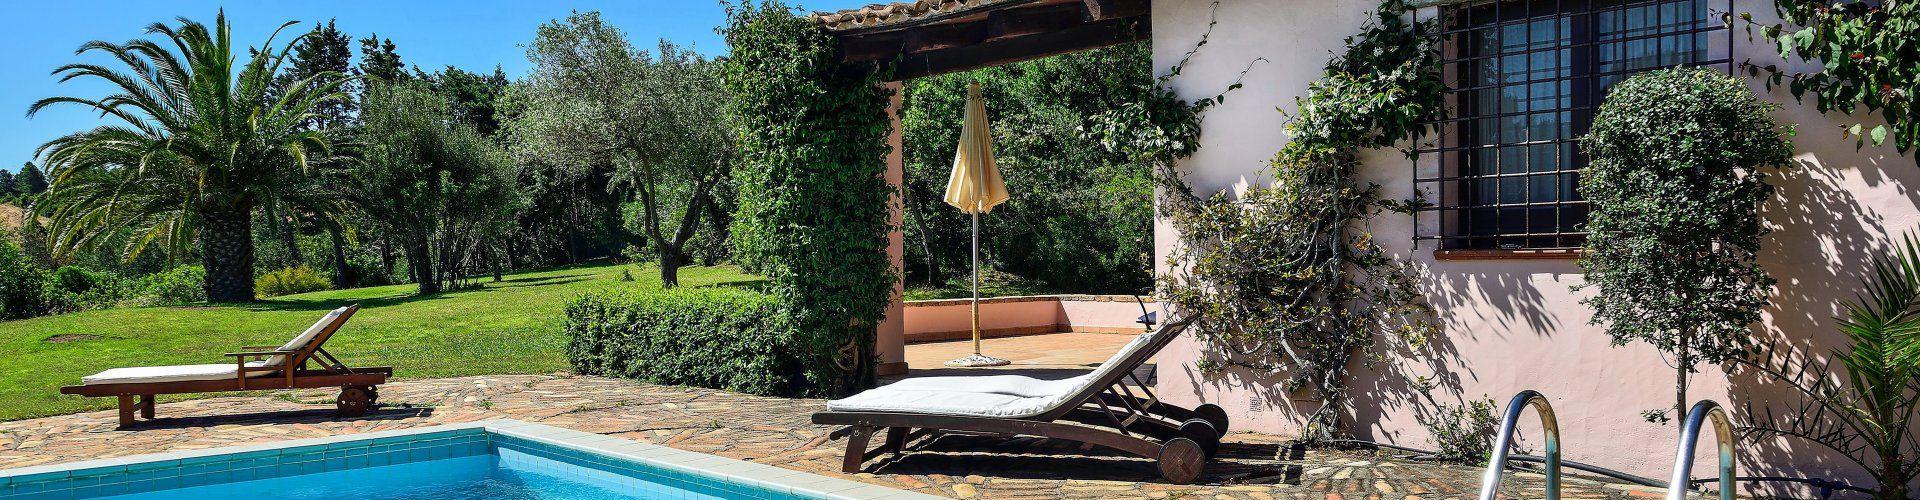 Villa in unberührter Natur in Südsardinien mit Privatpool